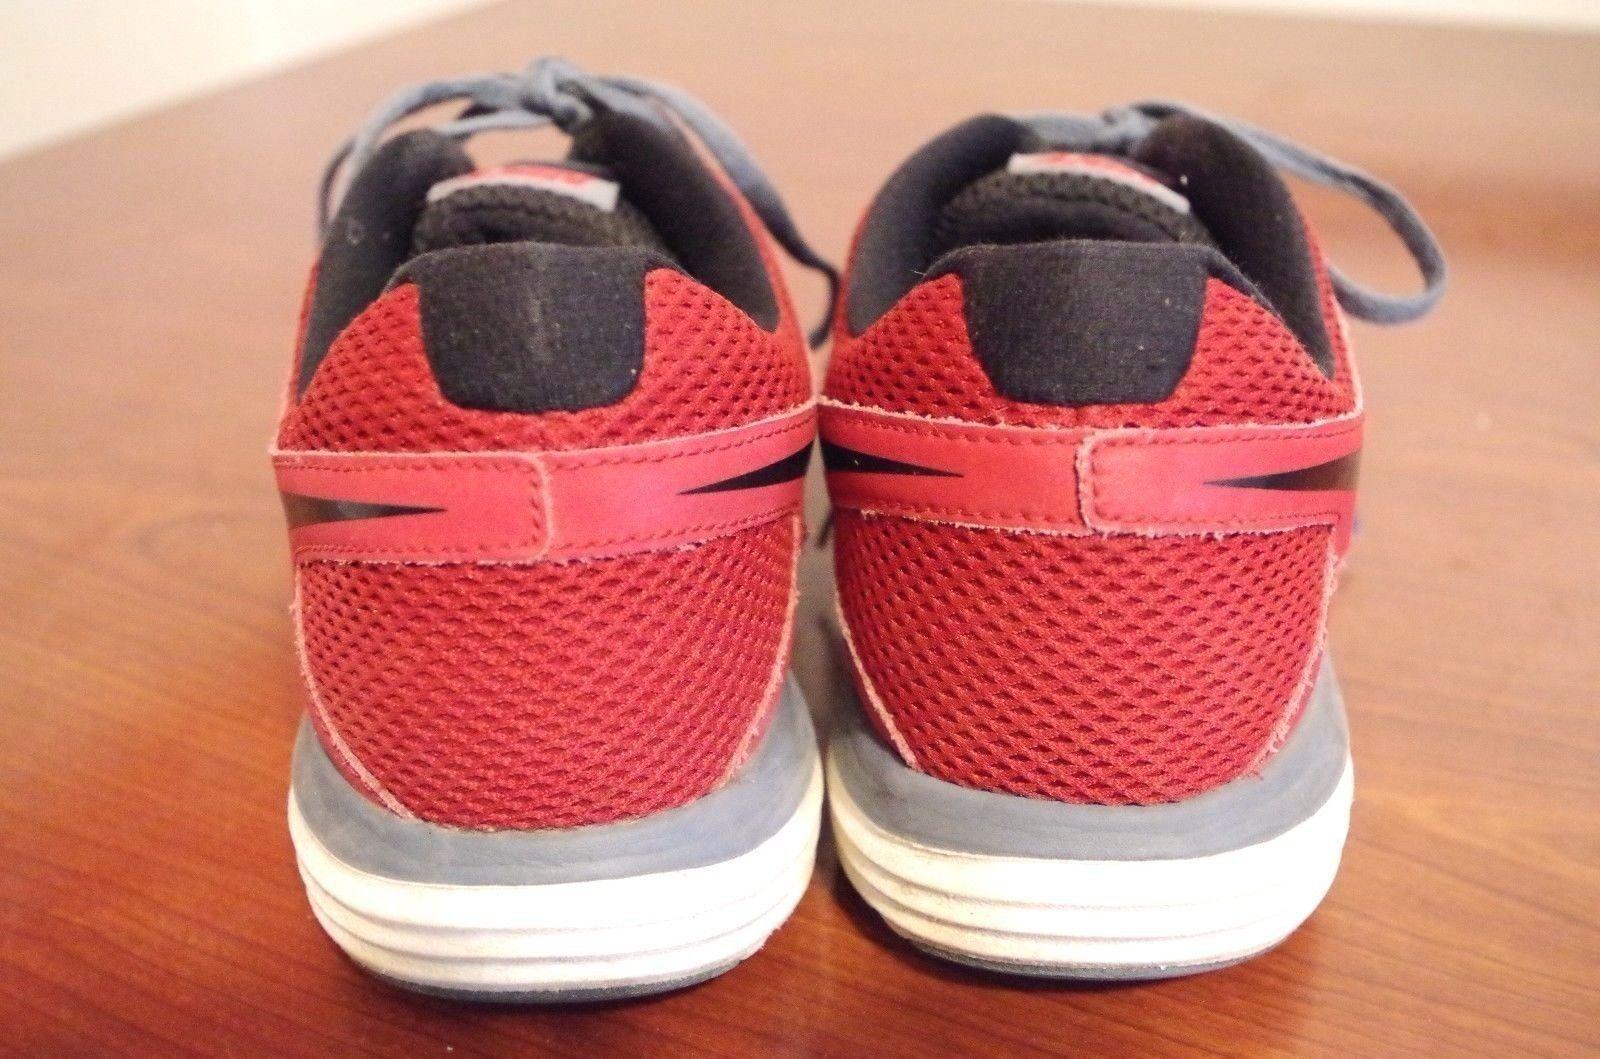 Nike doppia fusione lite uomini scarpe 9 da corsa sz noi 9 scarpe m (d) 599513-600 rosso 66042c